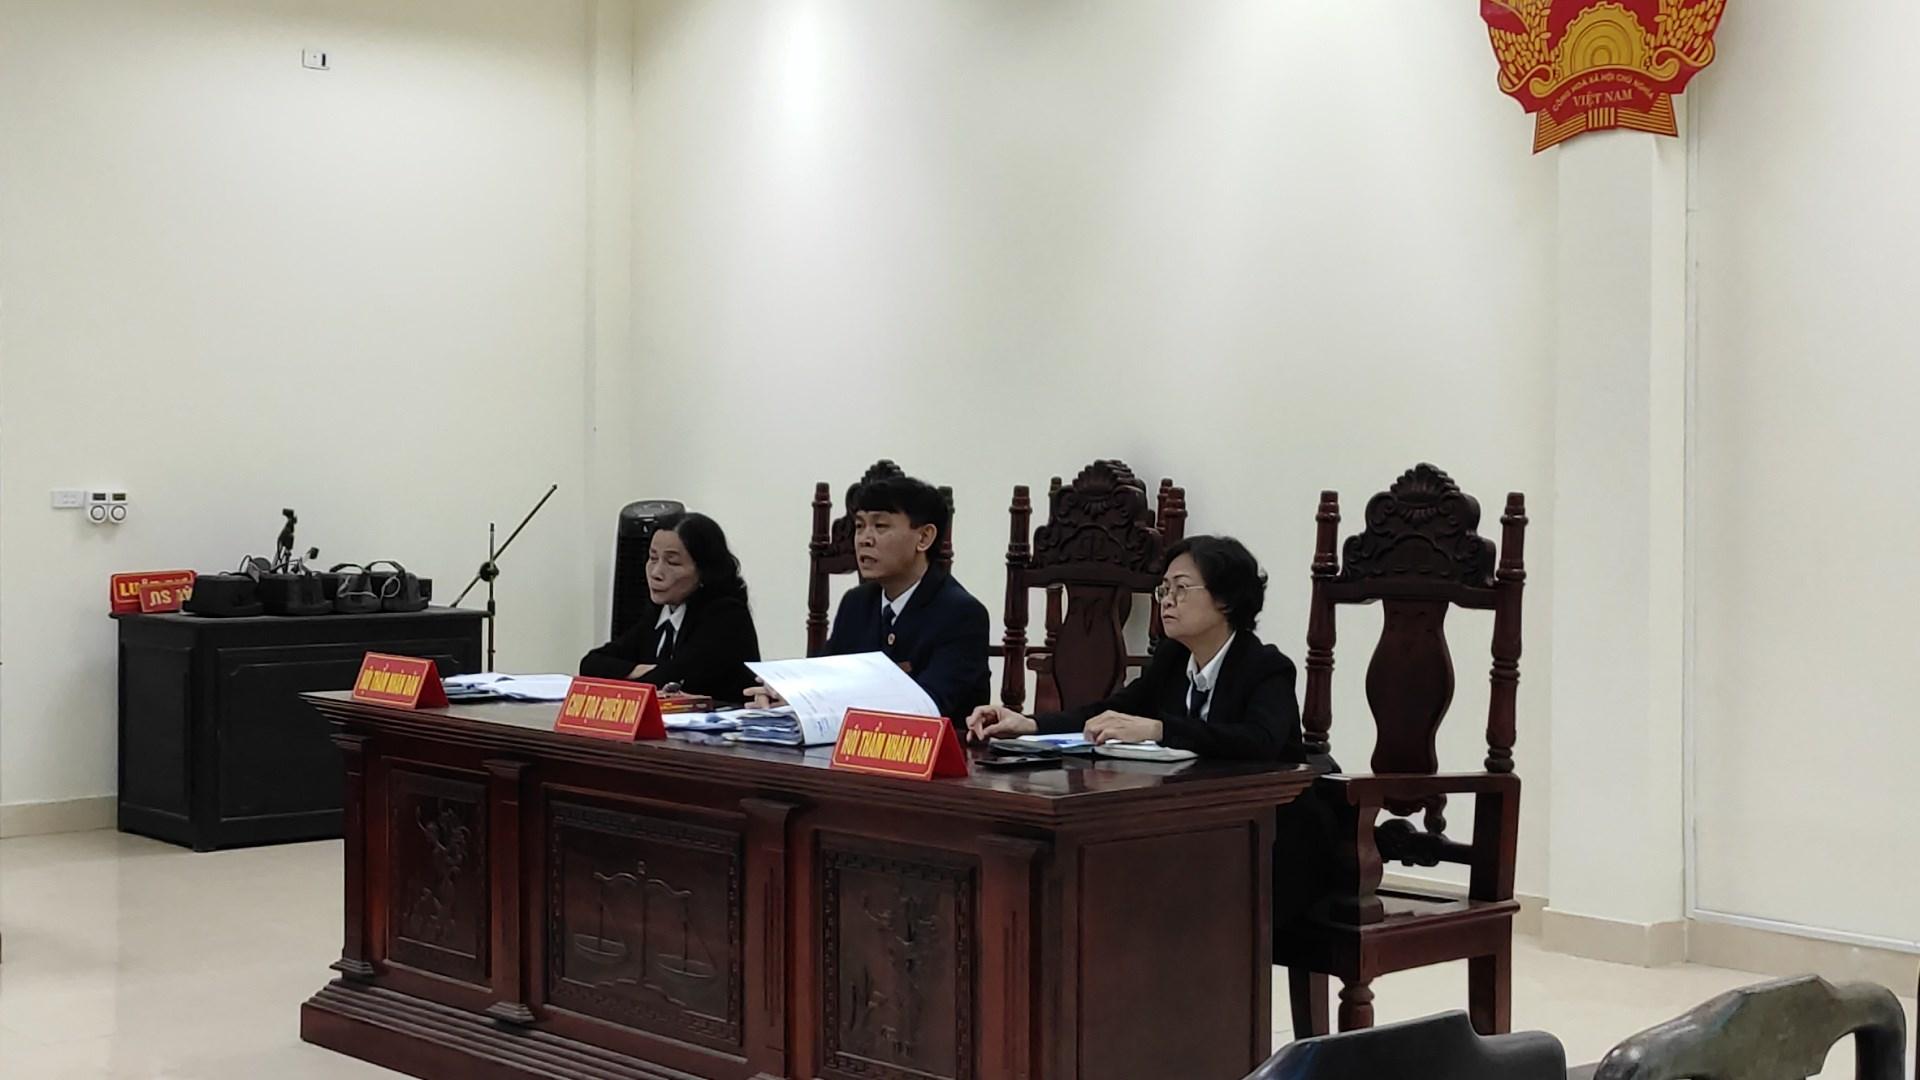 Mẹ mìn bắt cóc bé trai ở Bắc Ninh bị tuyên phạt 5 năm tù giam-3